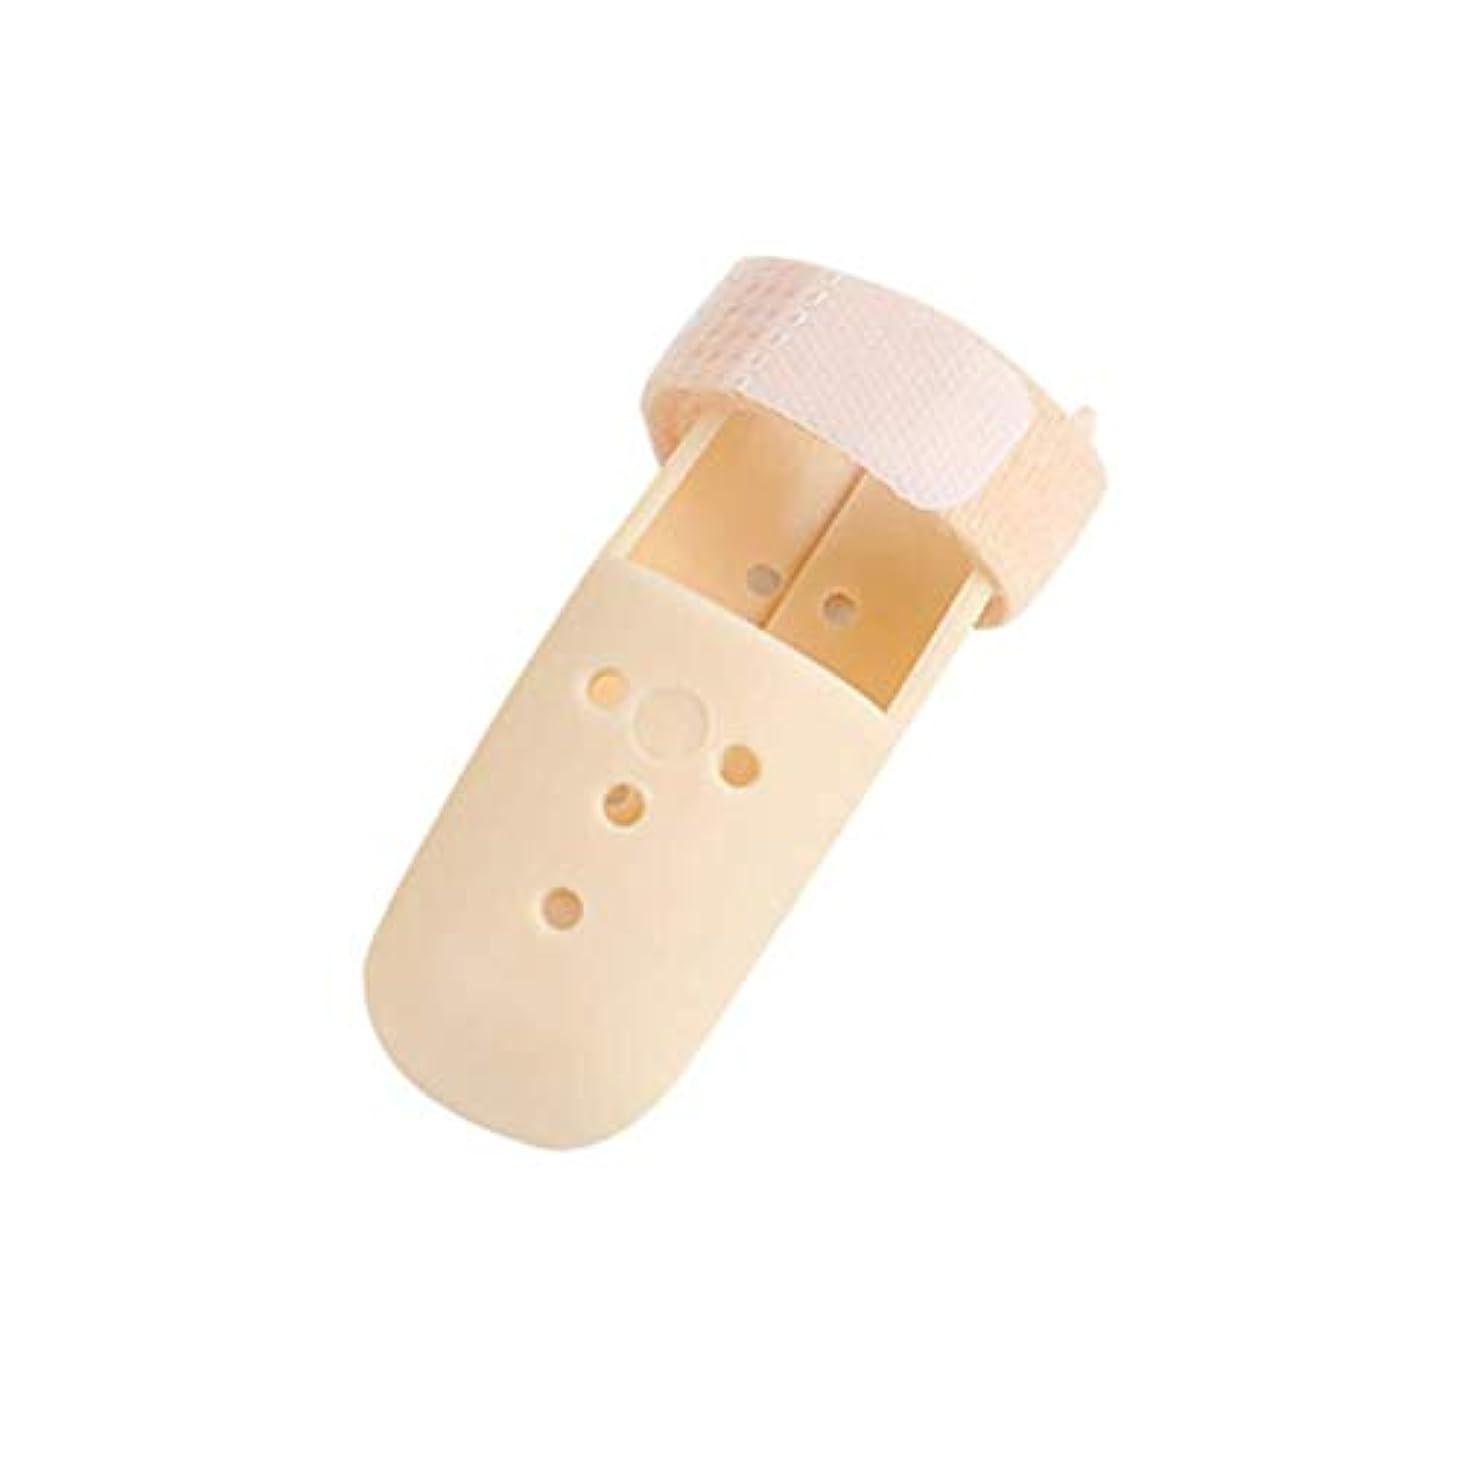 診療所スカーフ膜トリガーフィンガースプリントマレットスプリントエクステンションフィンガーサポートフィンガーストレイテナーフィンガープロテクター